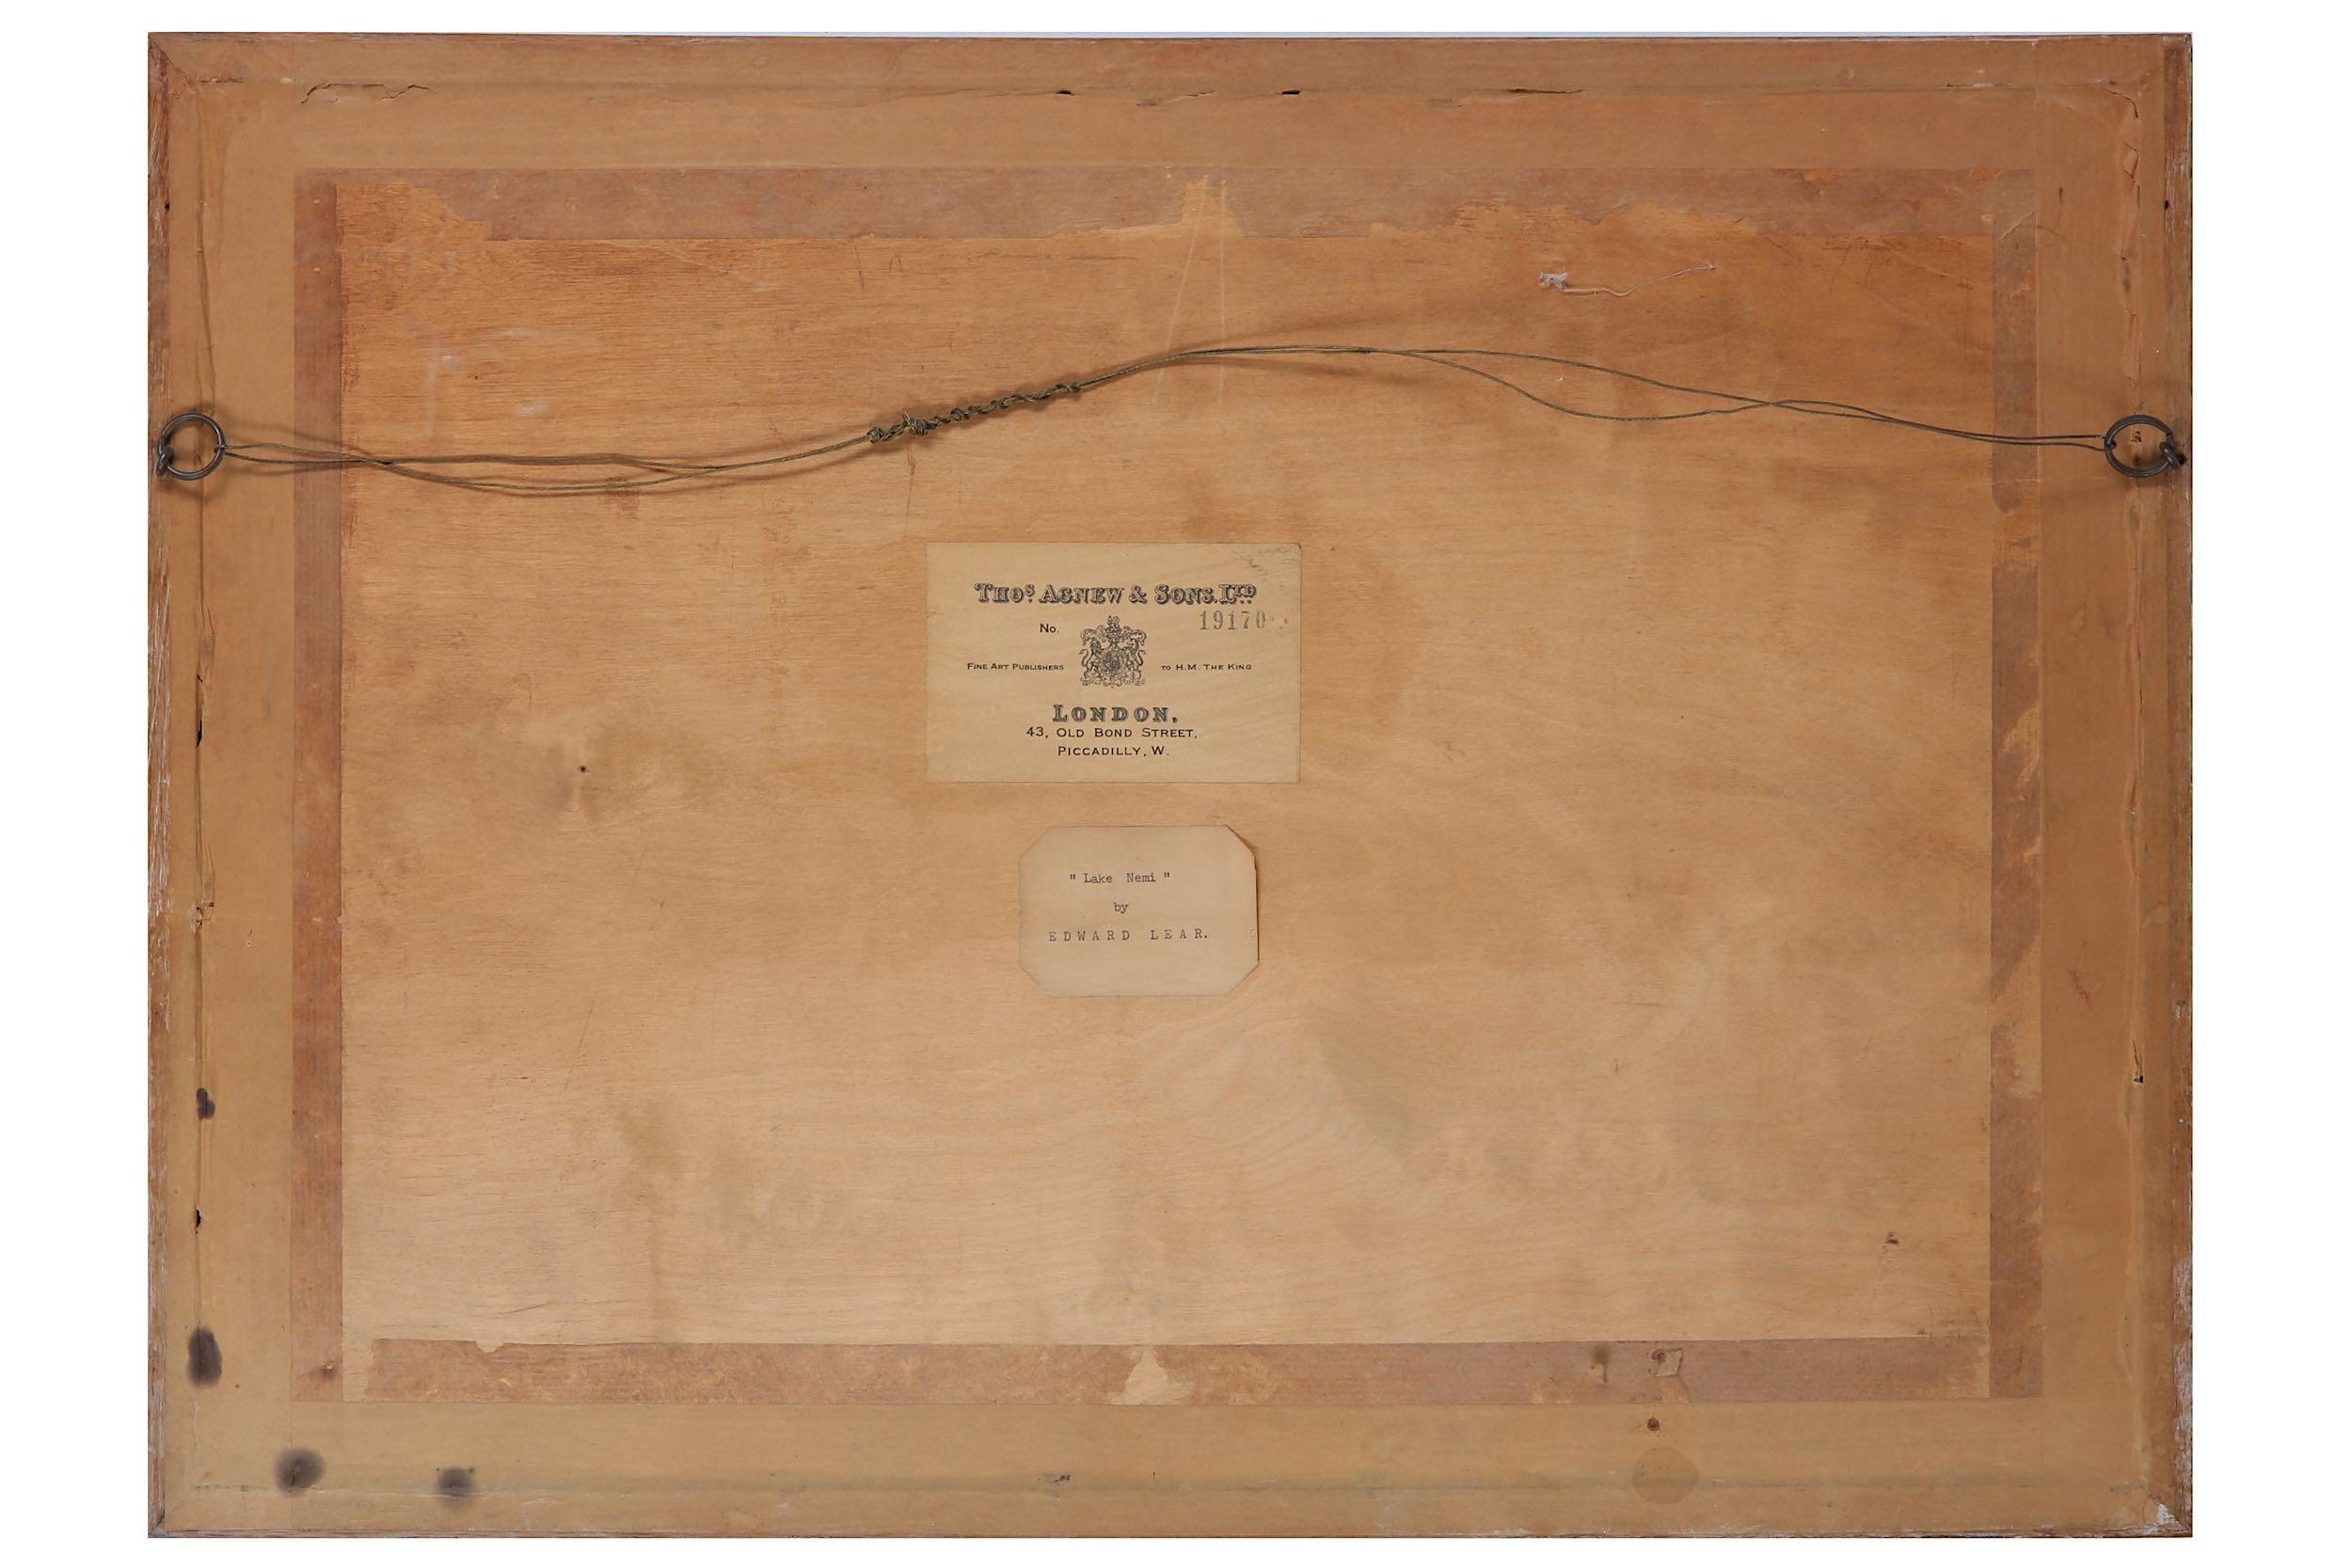 EDWARD LEAR (BRITISH 1812 - 1888) - Image 3 of 4